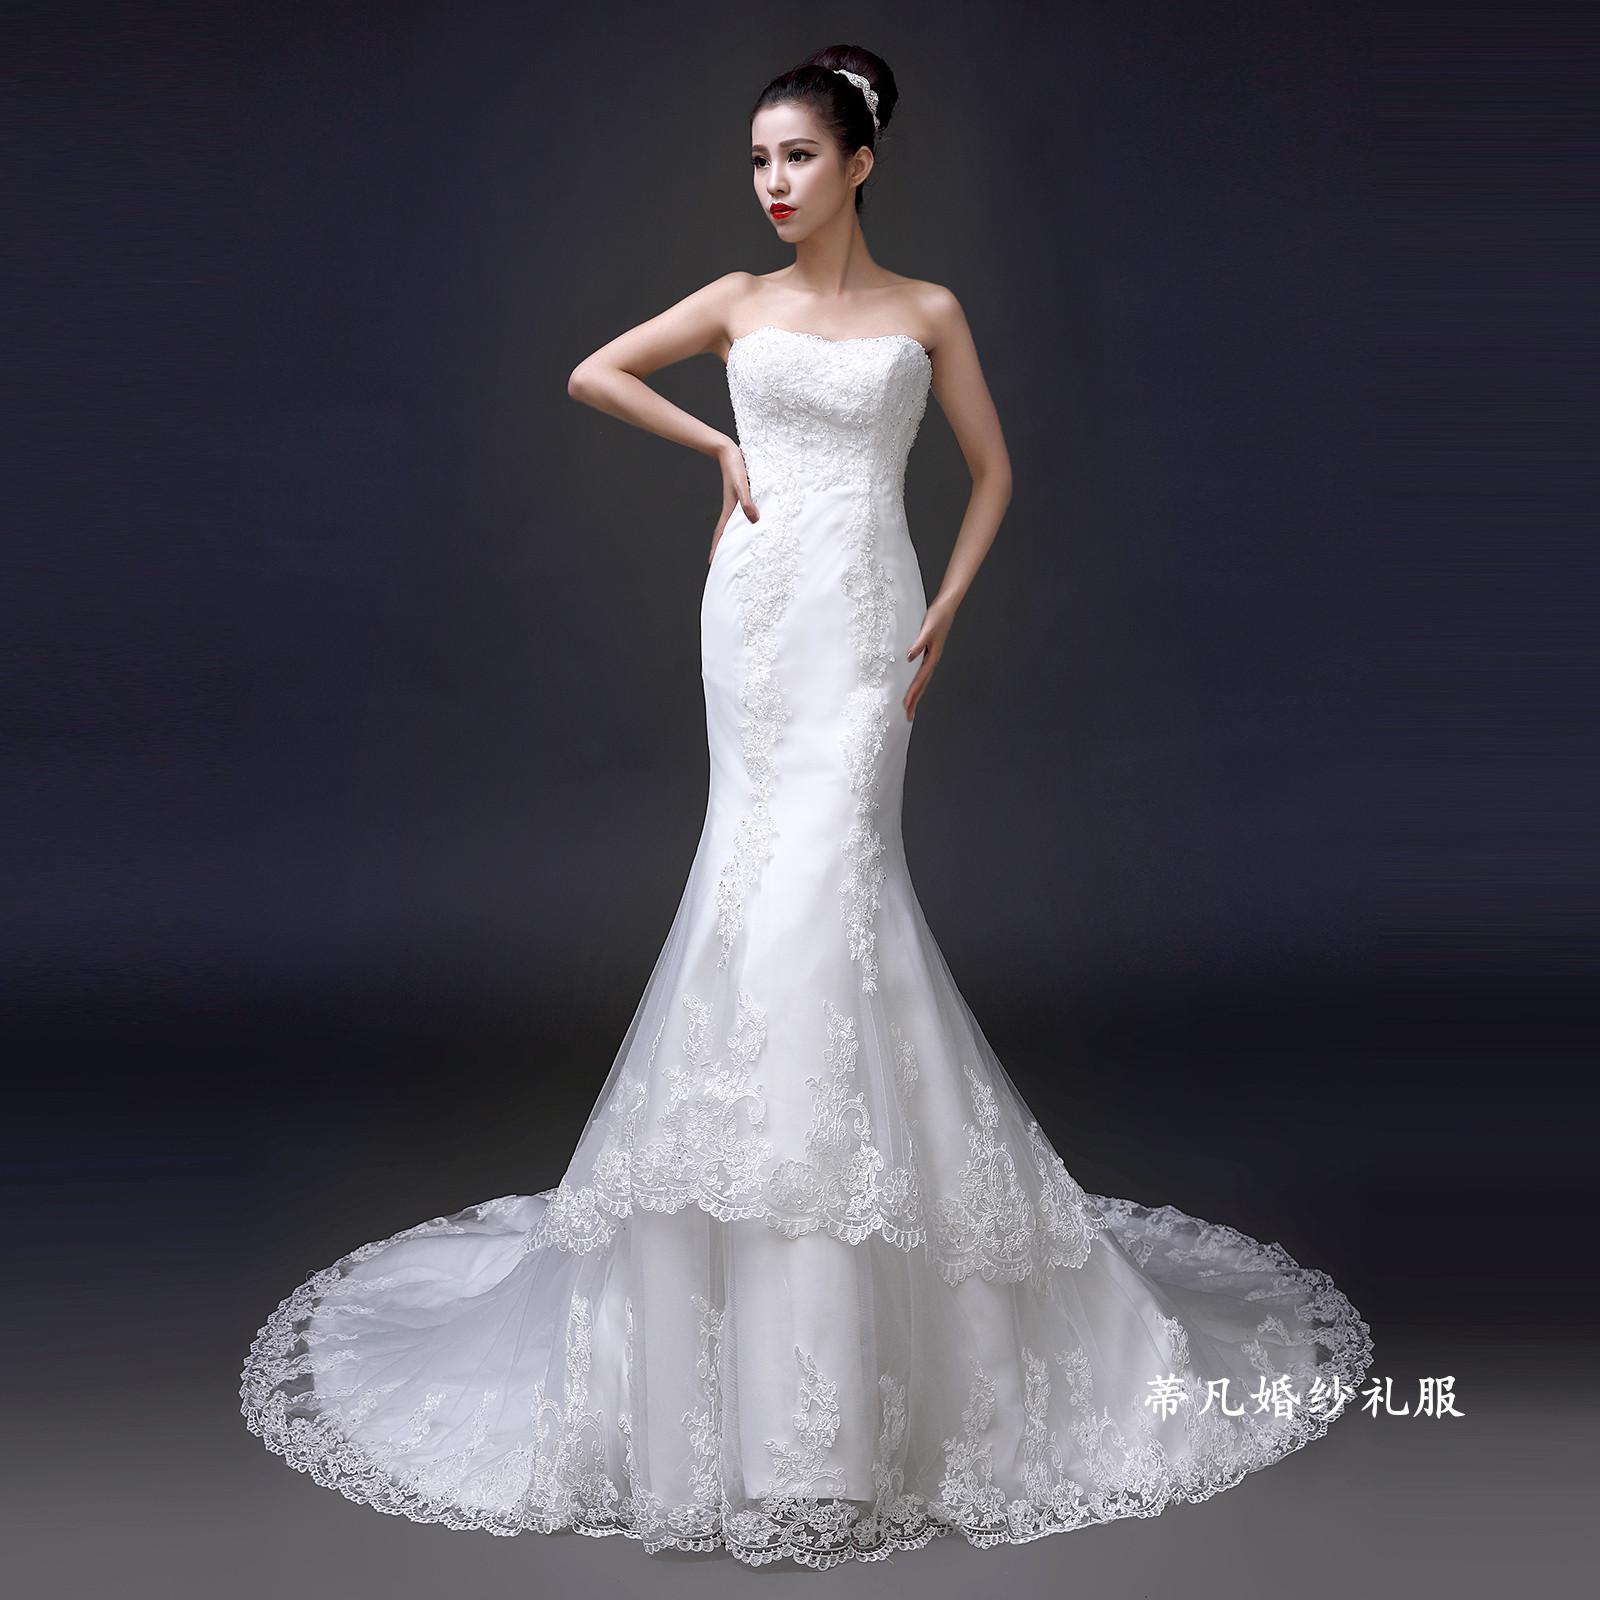 婚纱礼服新款2014冬季时尚新娘韩式抹胸型鱼尾婚纱长拖尾收腰修身